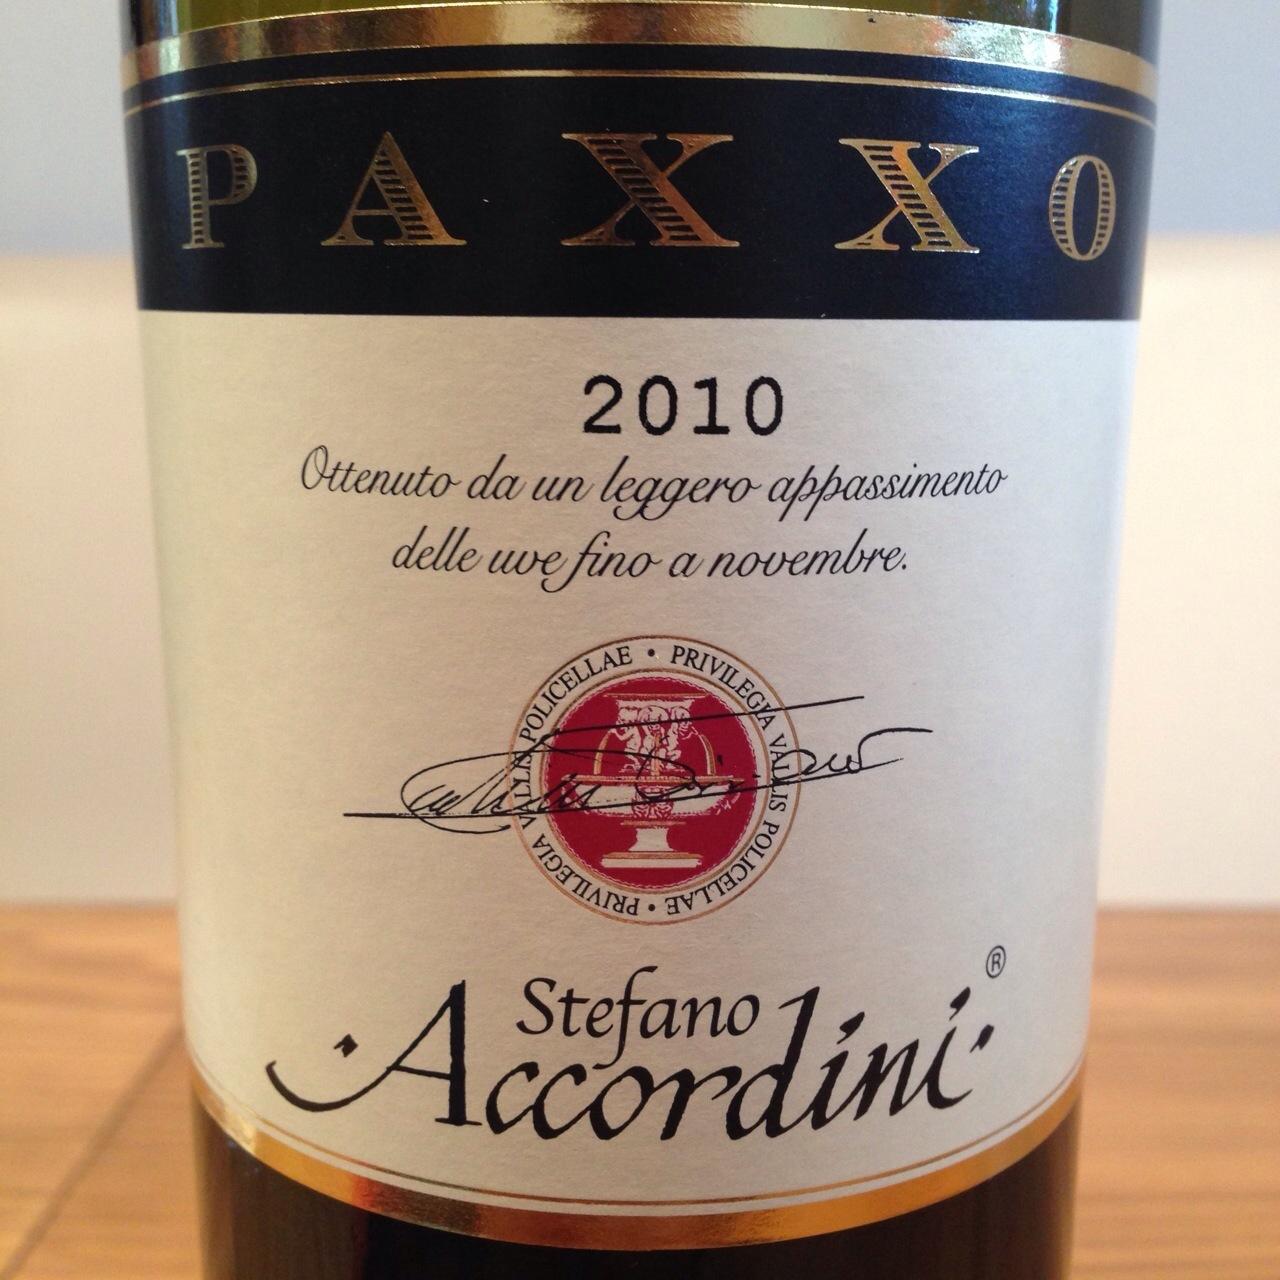 Accordini Paxxo 2011.JPG